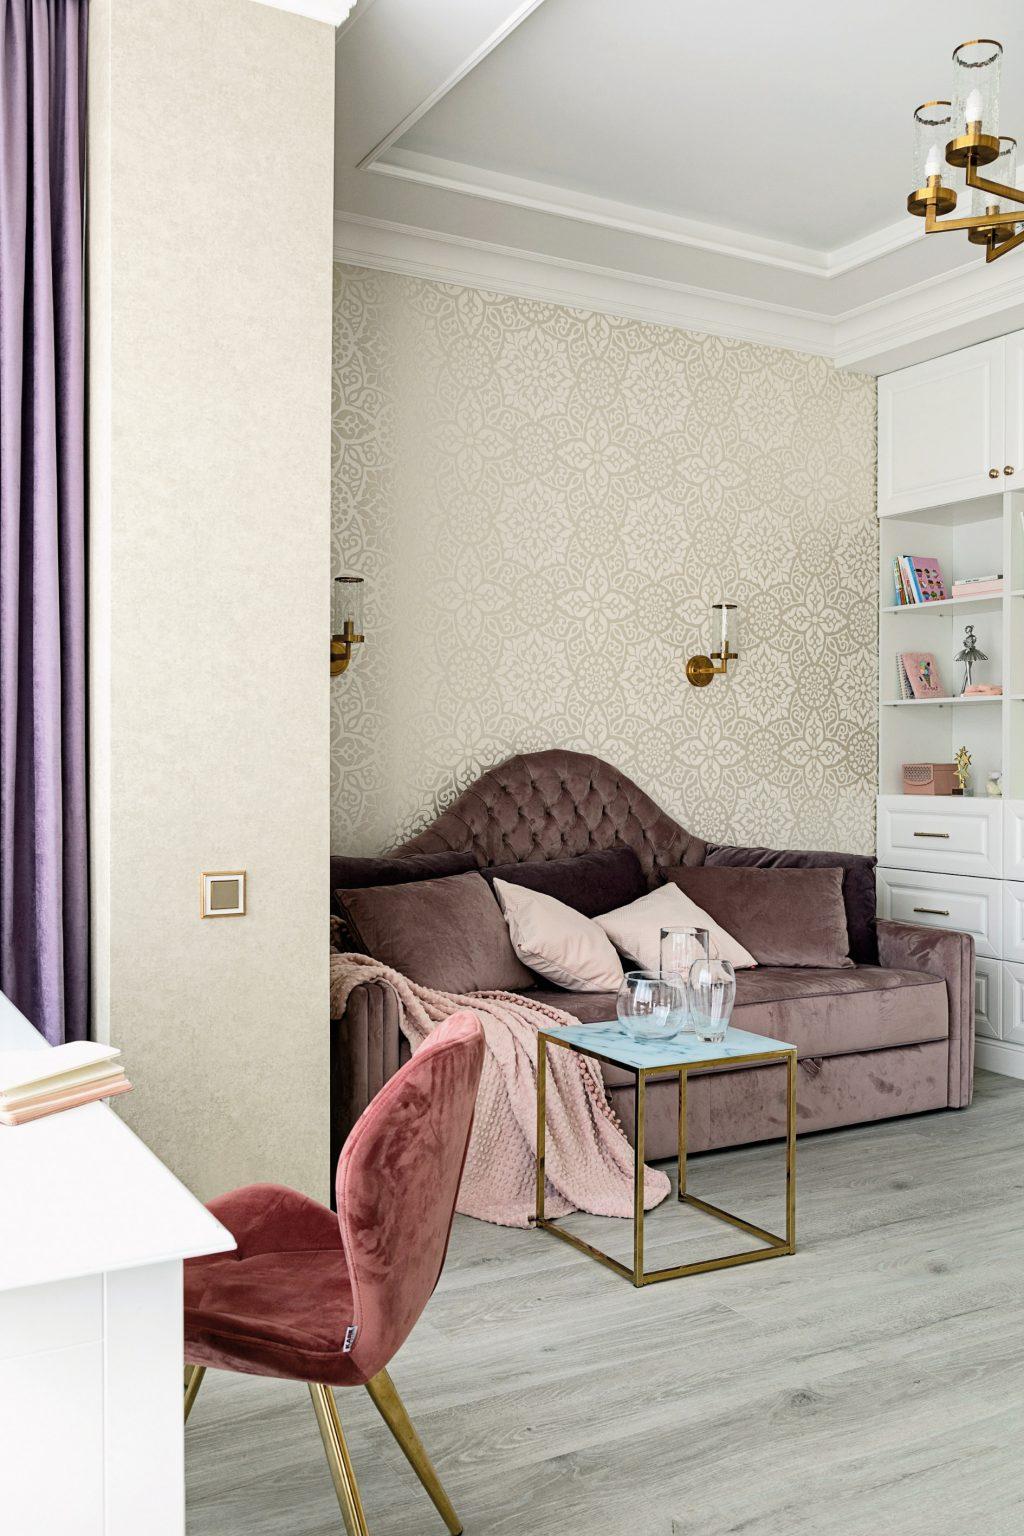 дизайн интерьера в стиле современной классики Калининград